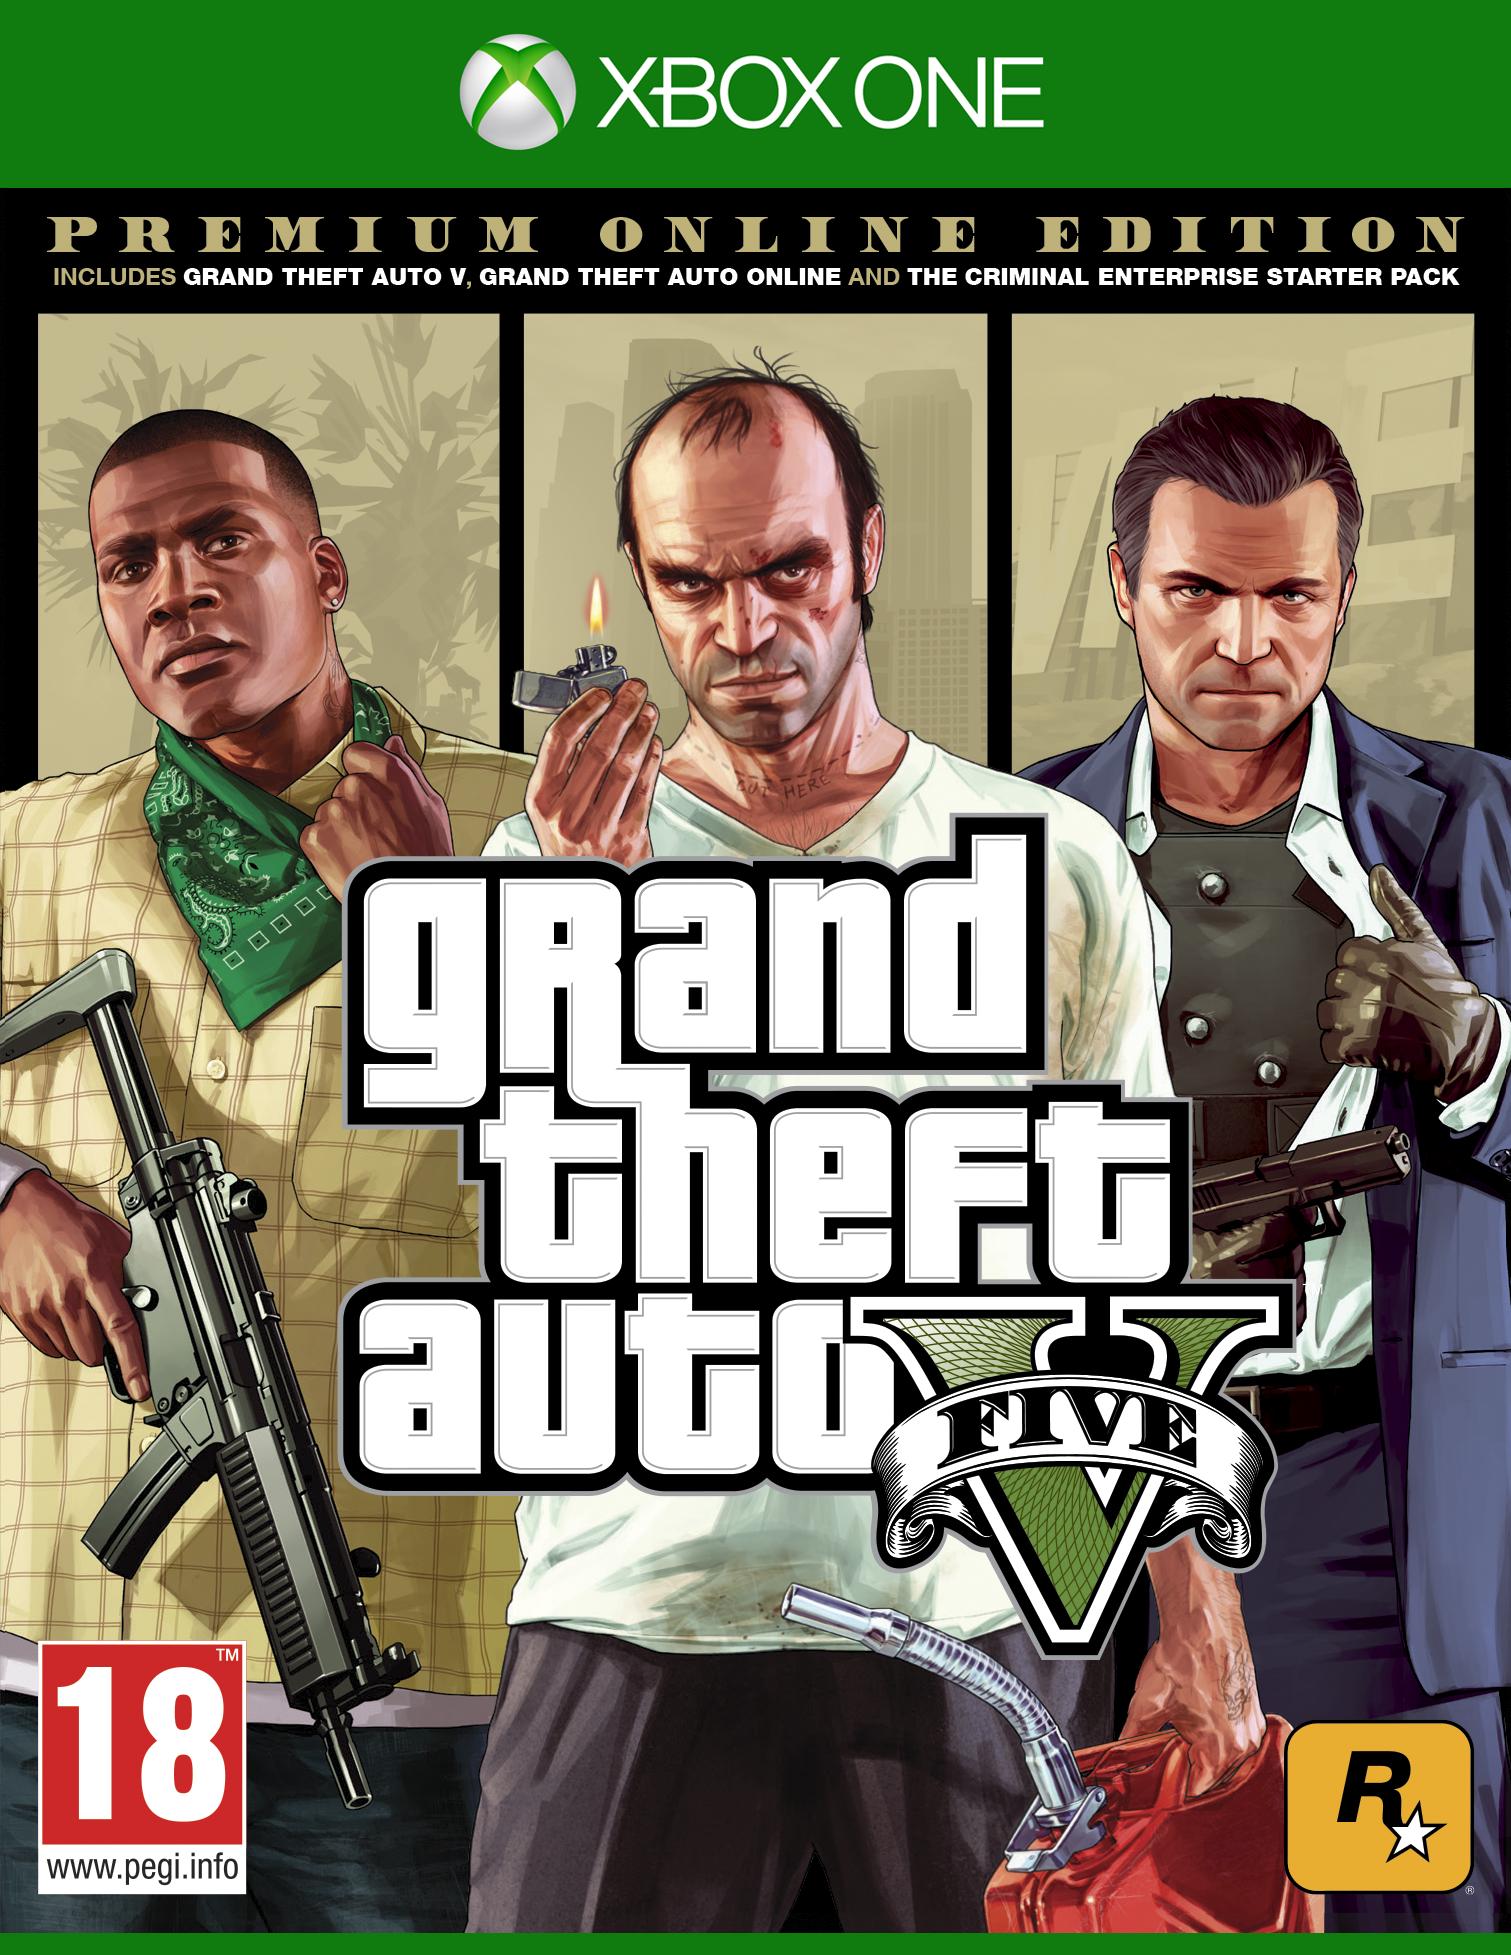 Grand Theft Auto V. Premium Online Edition [Xbox One]В издание Grand Theft Auto V: Premium Online Edition входит сюжетный режим Grand Theft Auto V, постоянно развивающийся мир Grand Theft Auto Online и все ранее выпущенные материалы и обновления, в том числе «Ограбление «Судный день», «Торговля оружием», «Контрабандисты», «Байкеры» и многое другое.<br>